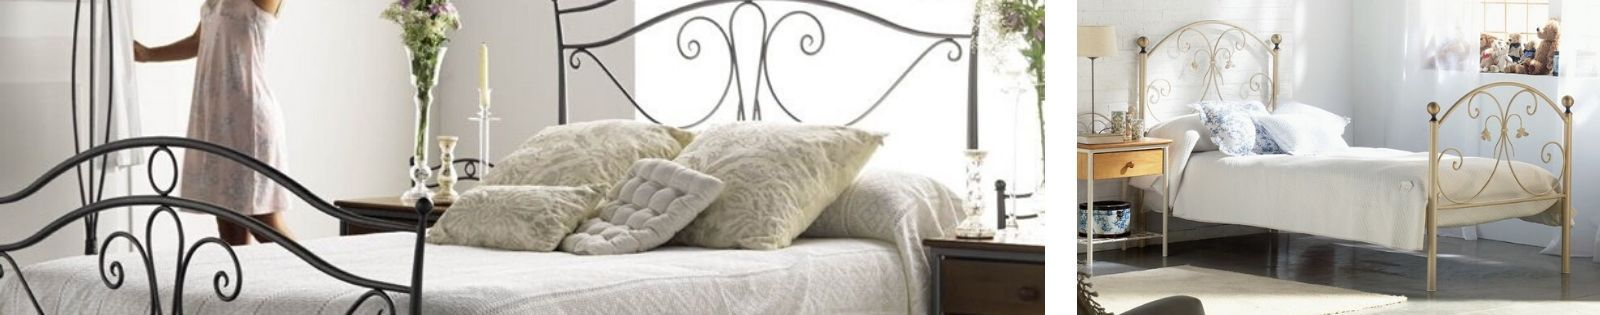 Meuble pour la chambre en Fer forgé design. Lit, tête de lit, chevet, commode. Le Monde du Lit